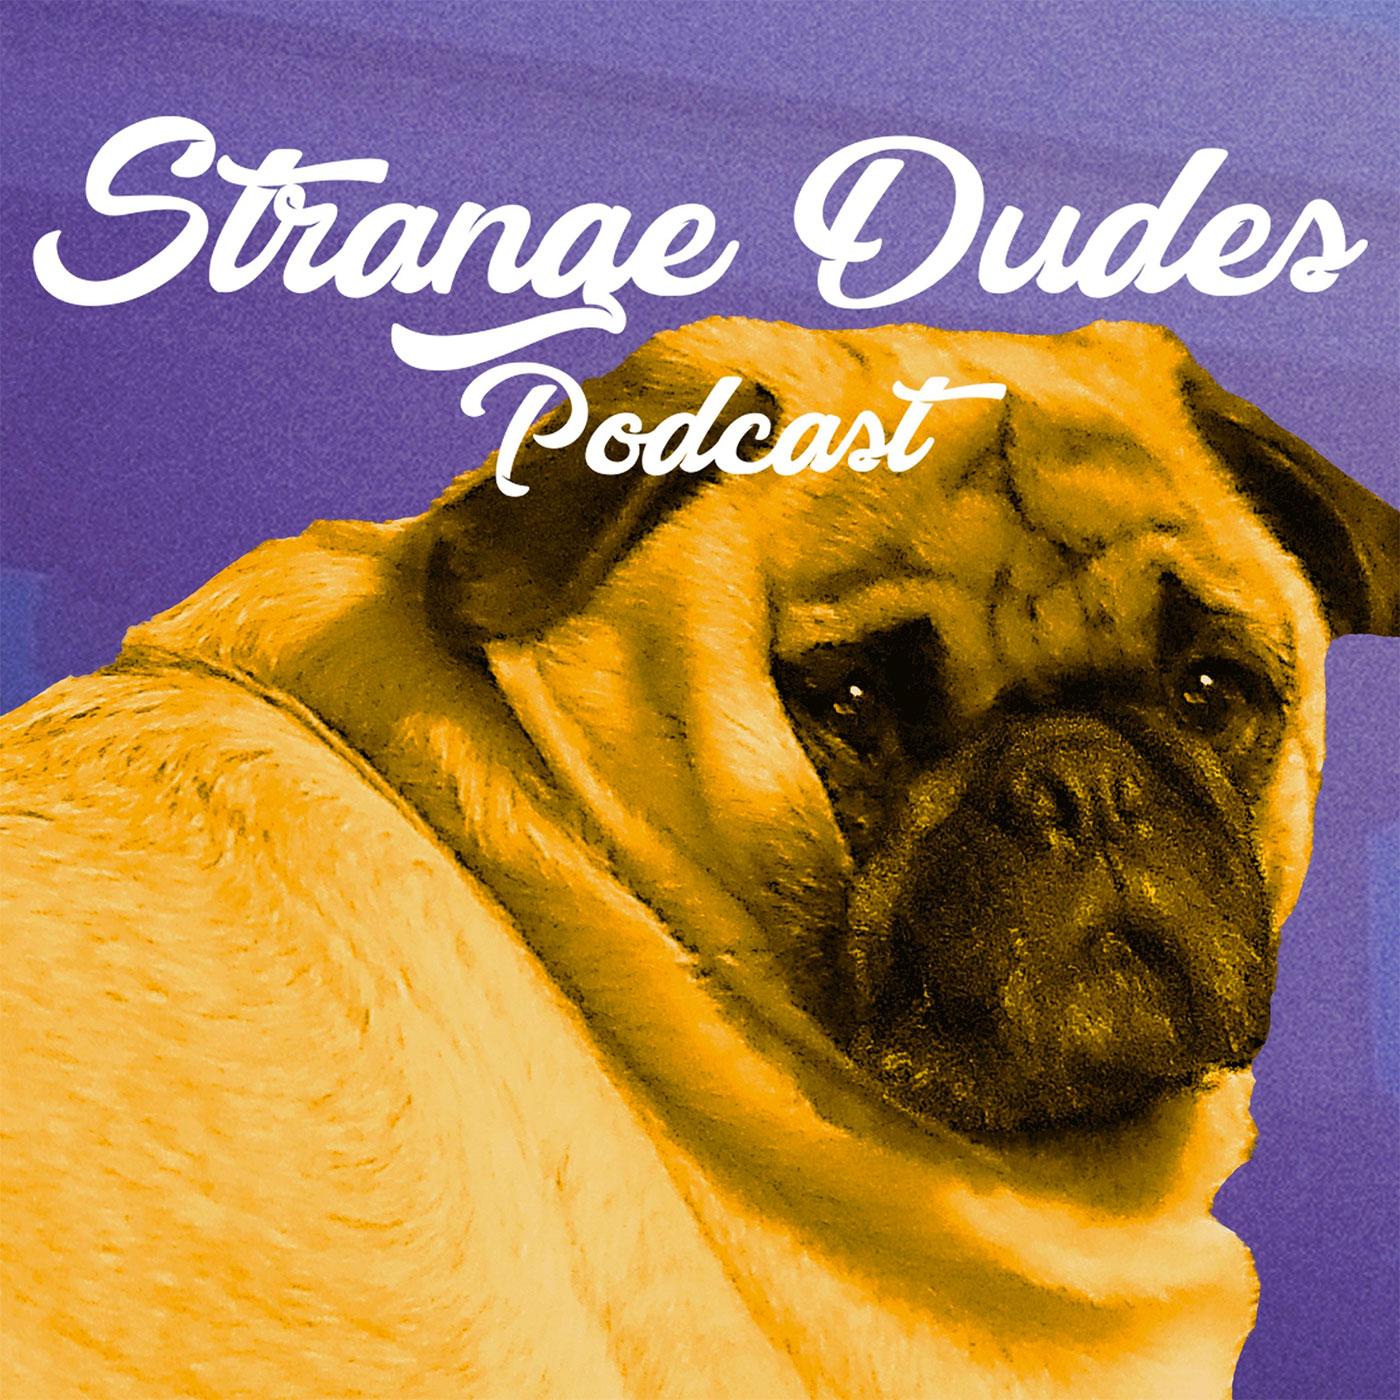 no-podcast-cover